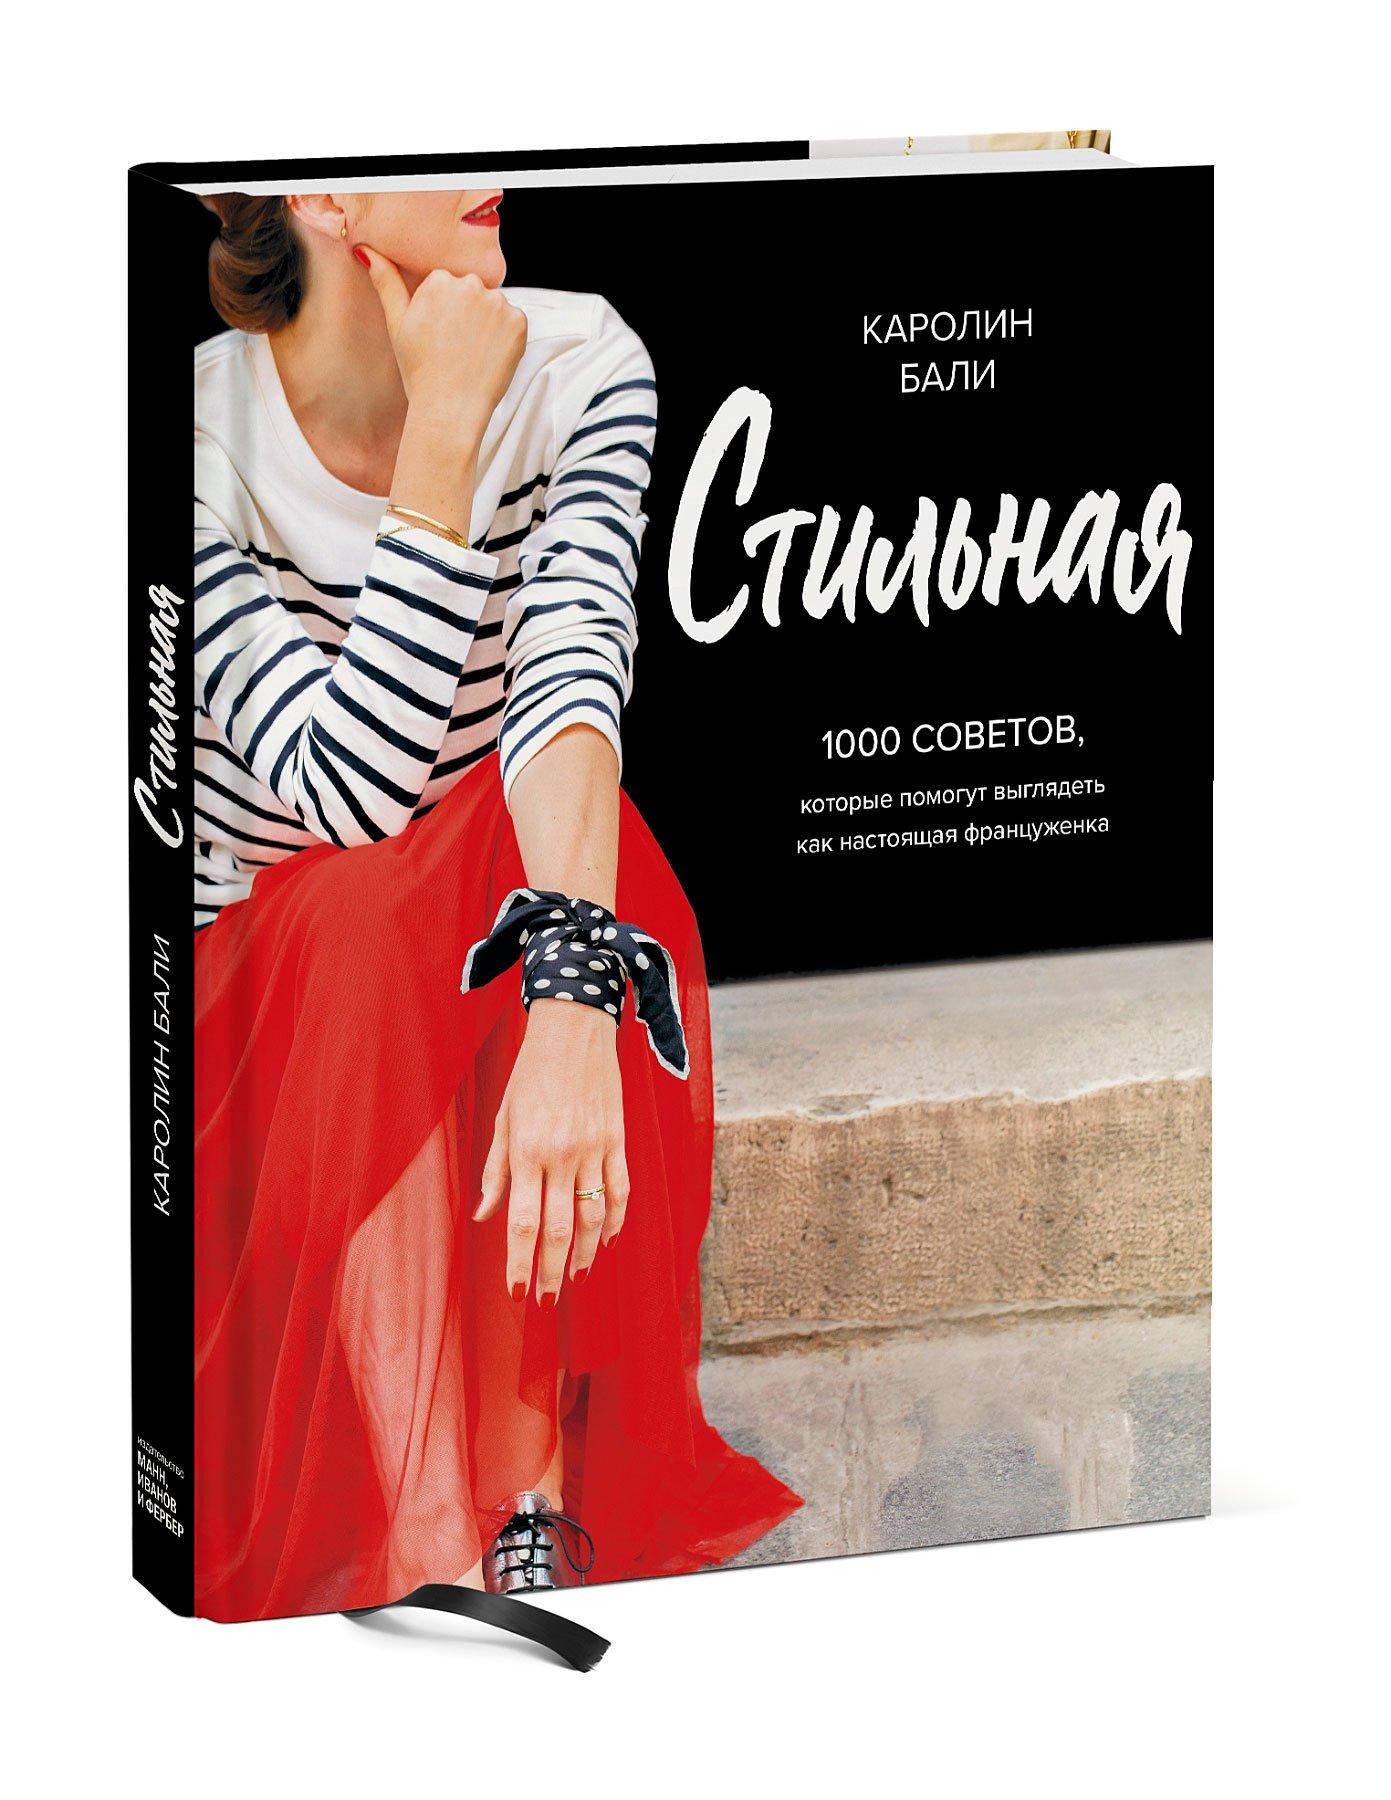 Каролин Бали Стильная. 1000 советов, которые помогут выглядеть как настоящая француженка бали к стильная 1000 советов которые помогут выглядеть как настоящая француженка